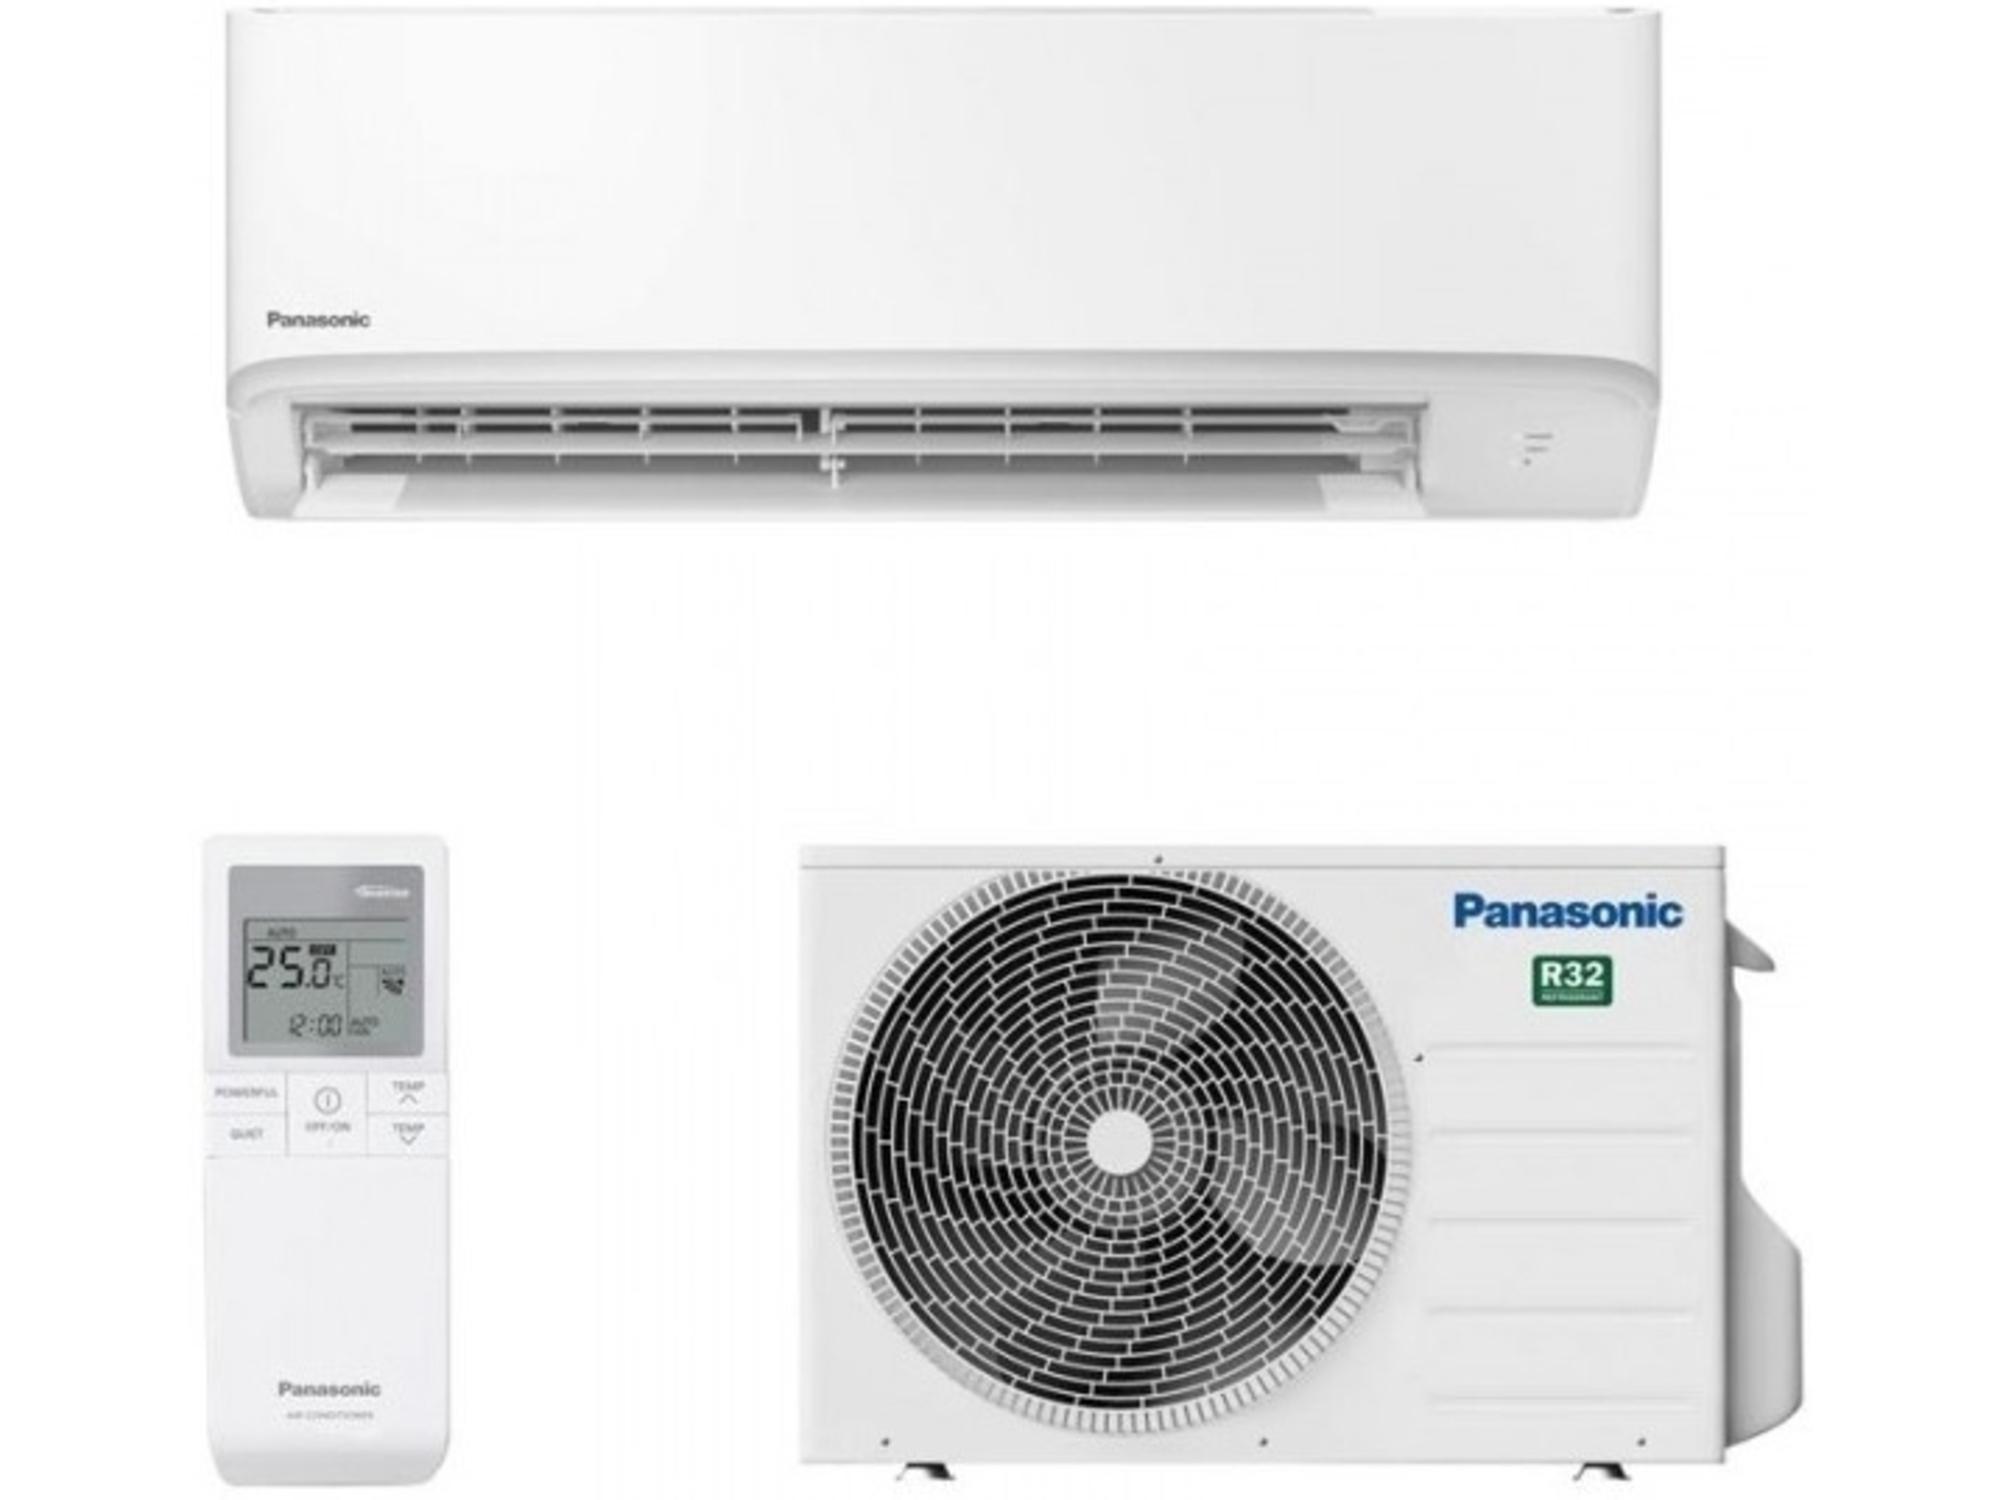 Panasonic Klimatska naprava z montažo COMPACT CS-TZ20WKEW/CU-TZ20WKE - 2kW